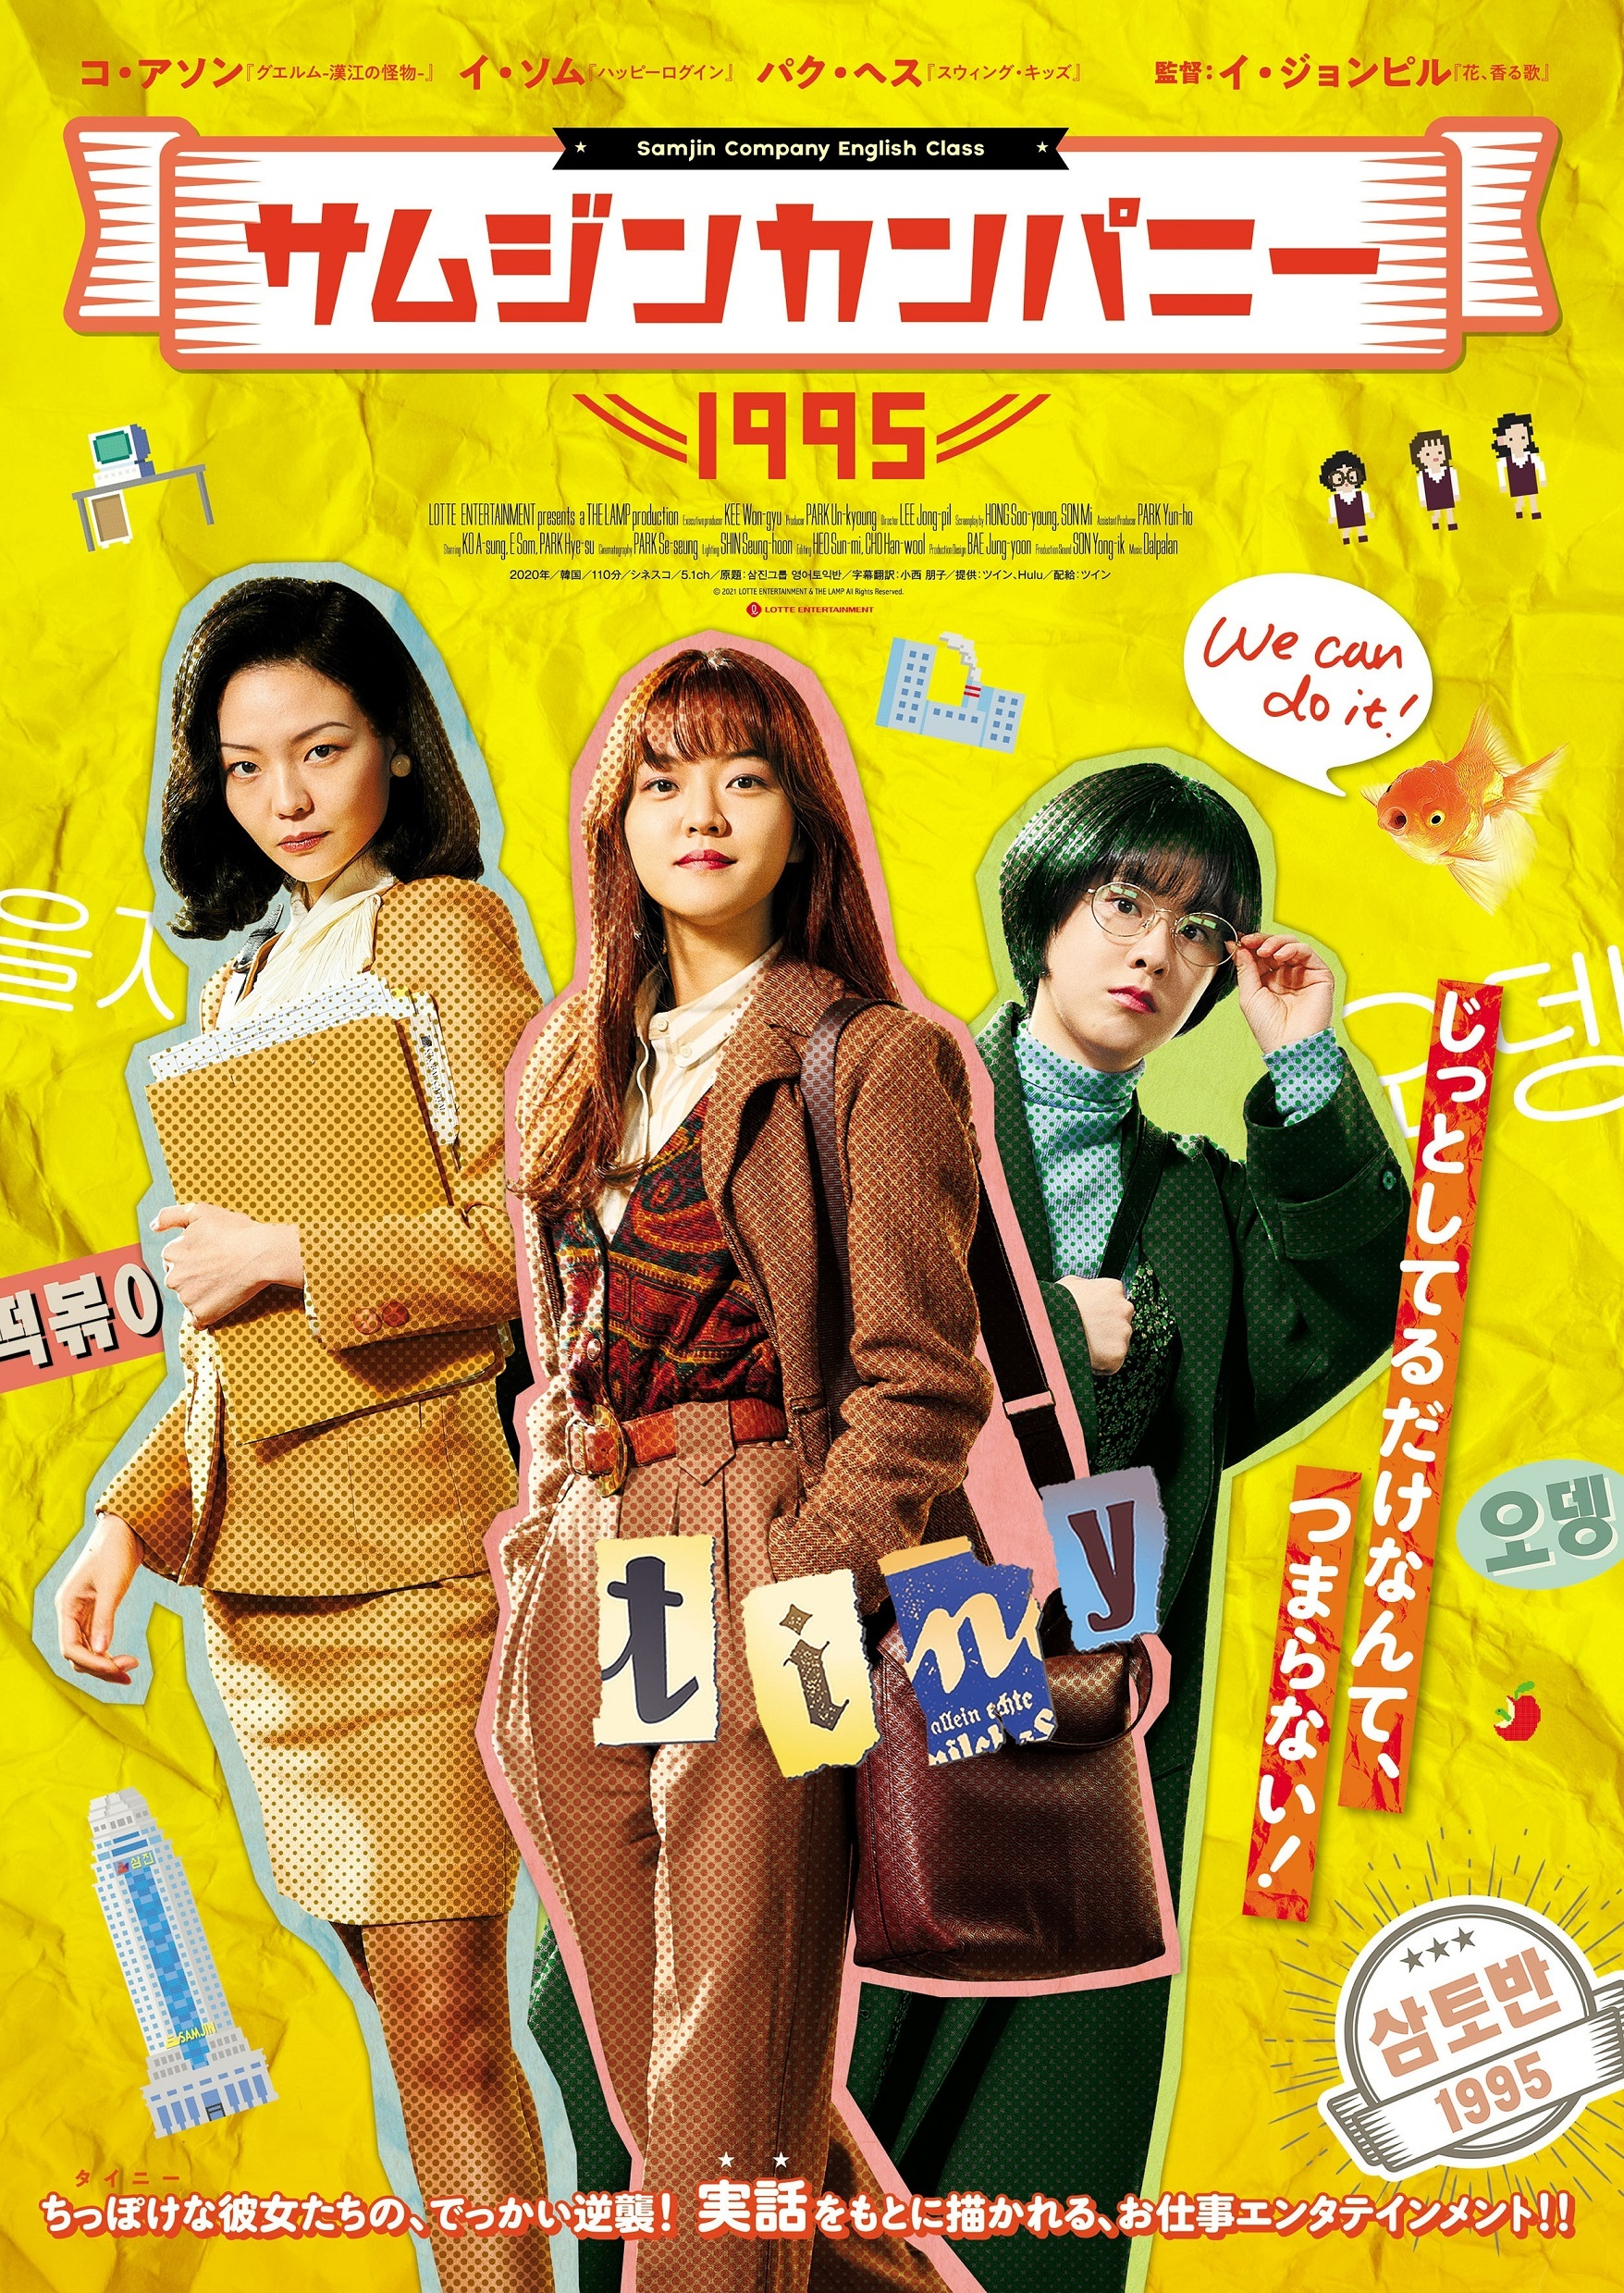 映画『サムジンカンパニー1995』